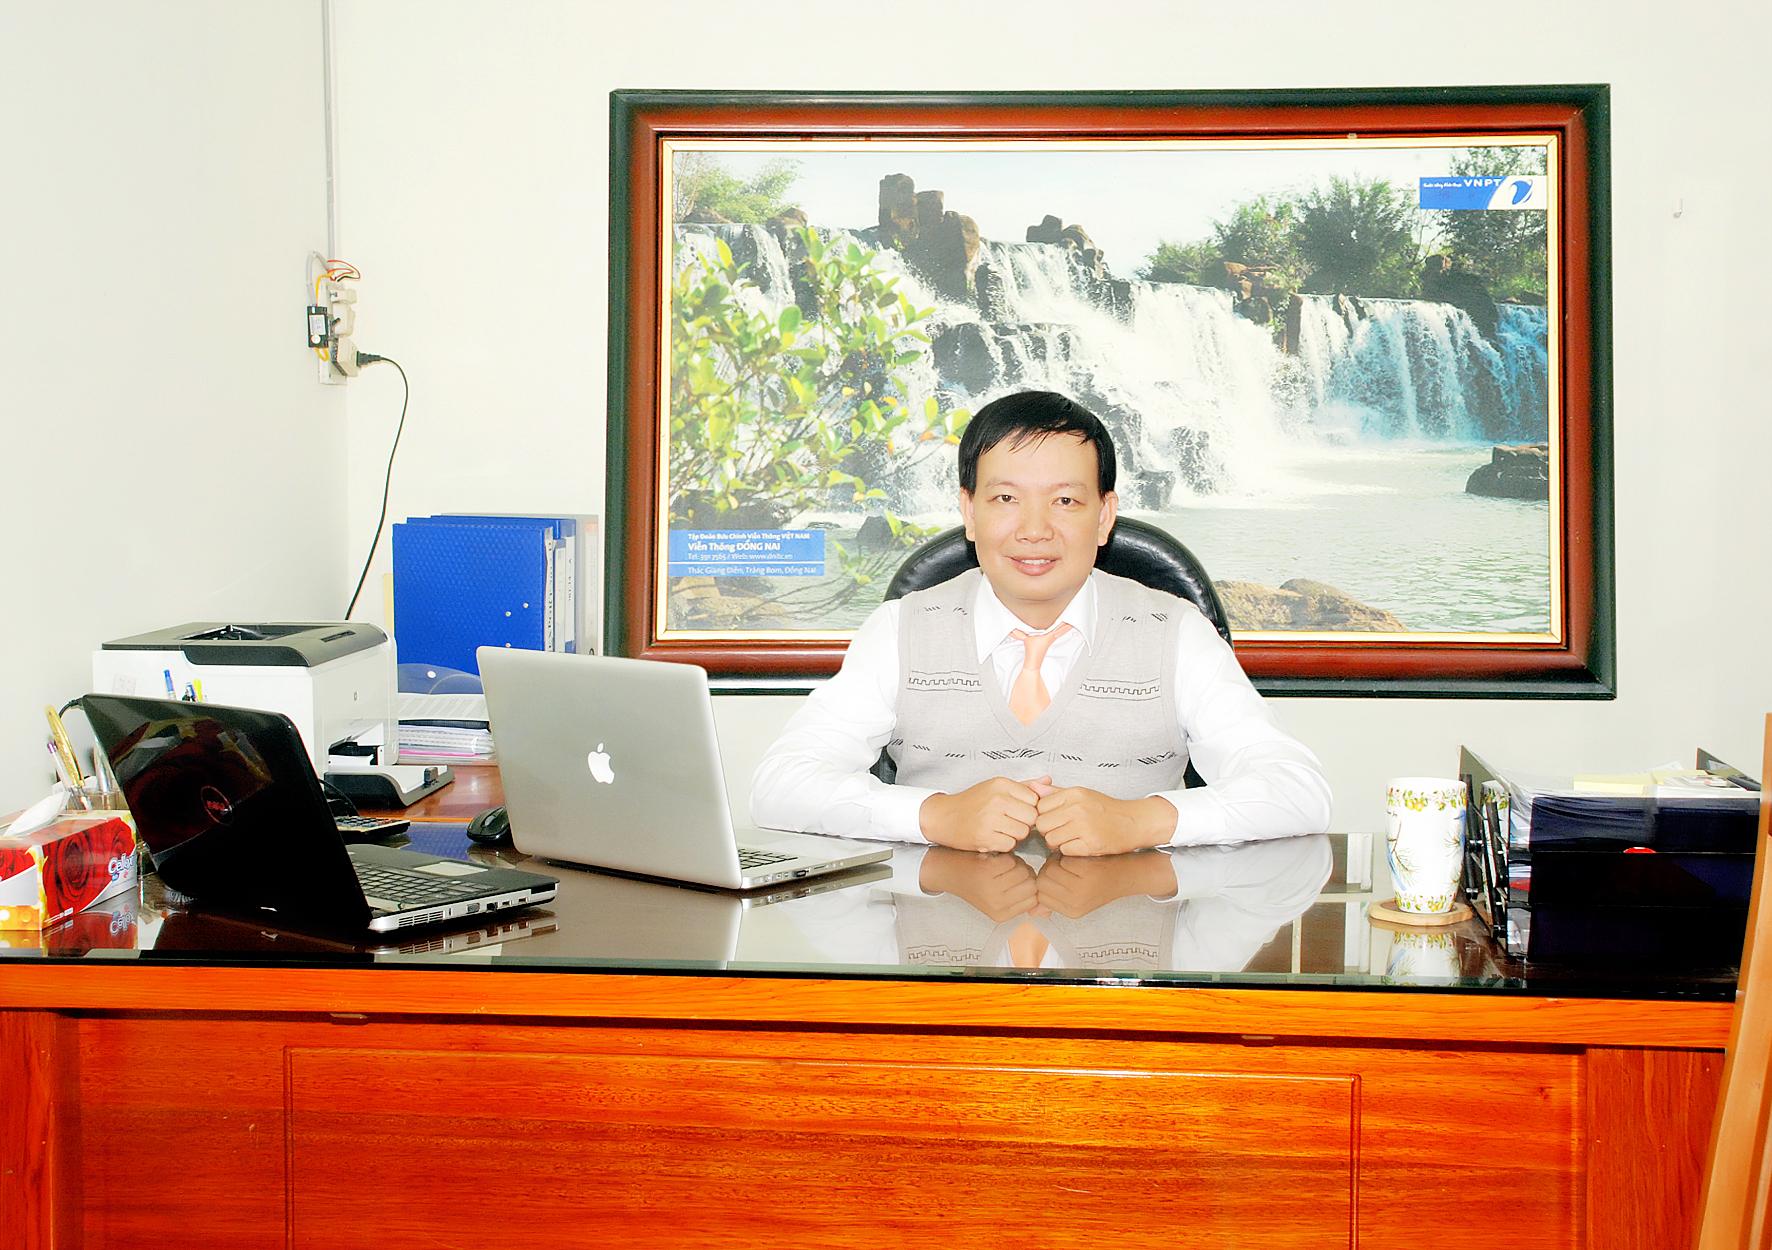 Công ty TNHH Tư Vấn Minh chuyên dịch vụ giấy phép kinh doanh